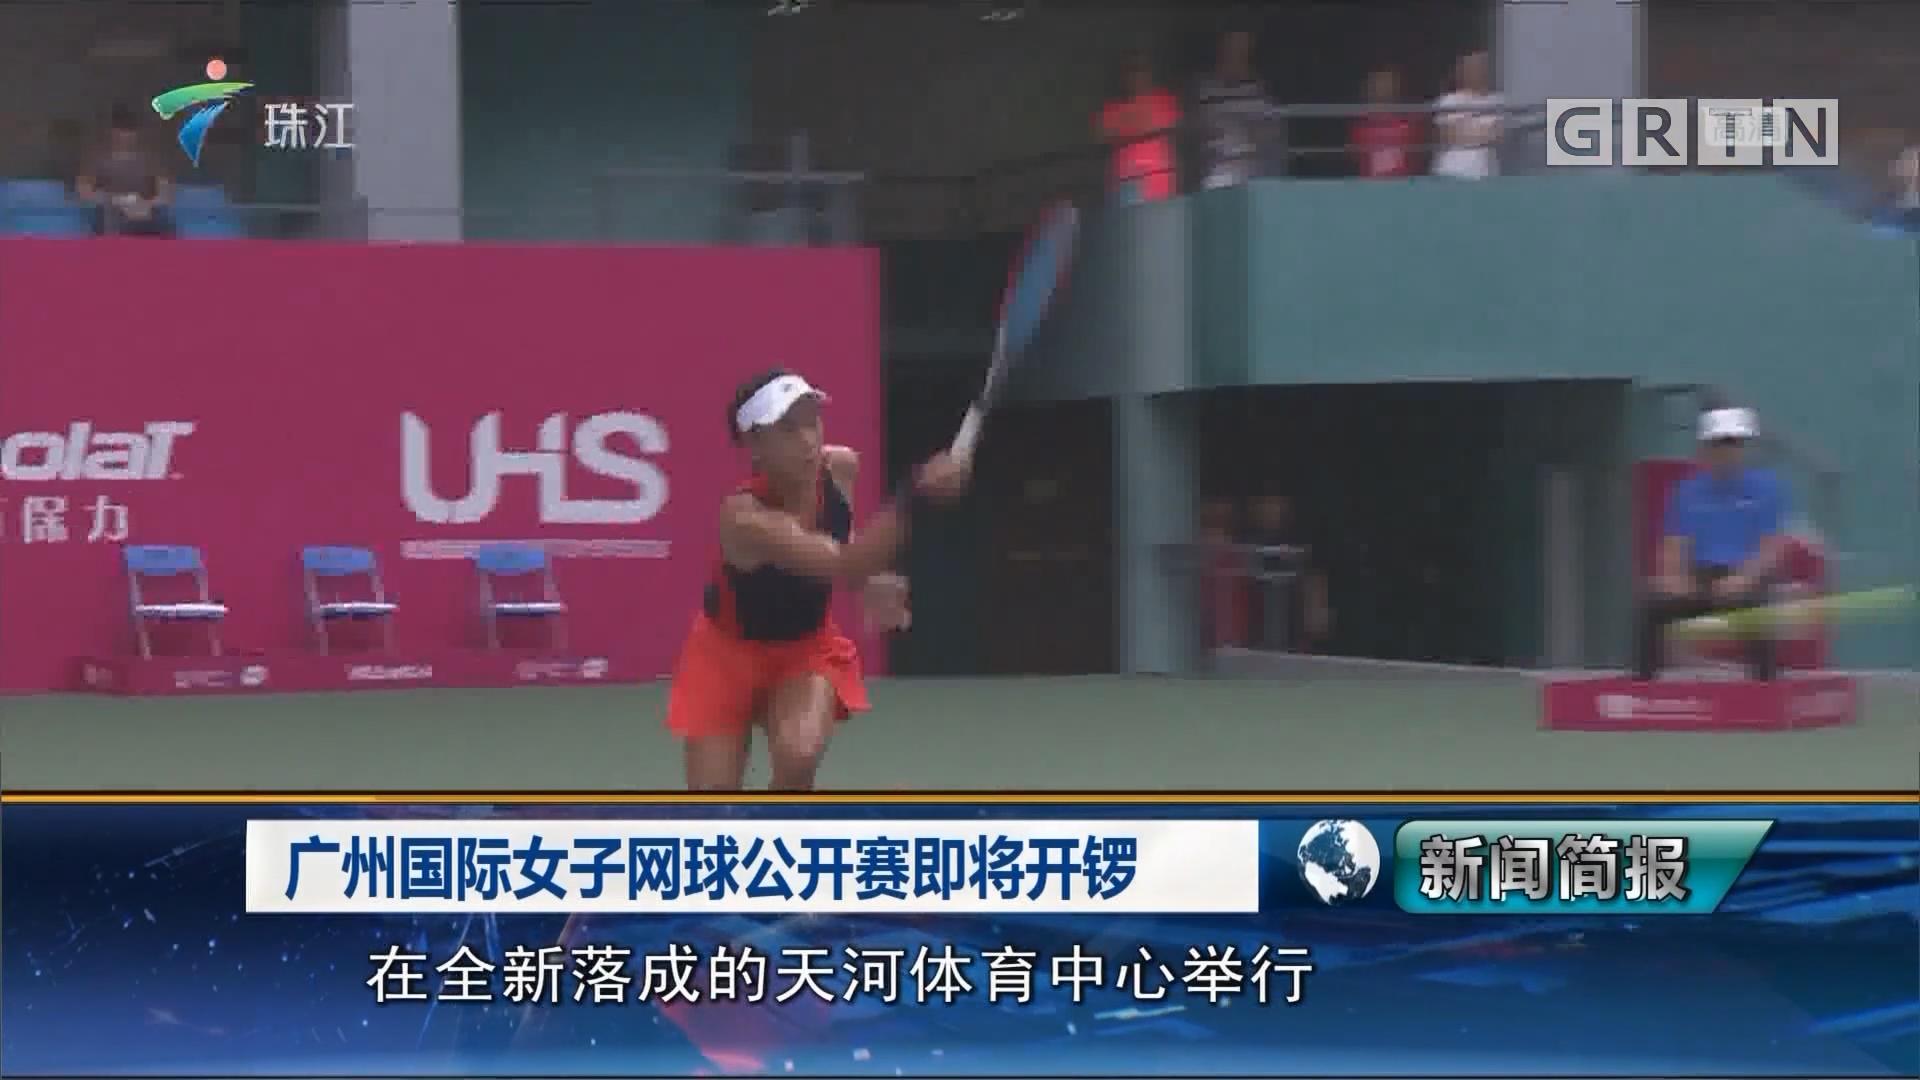 广州国际女子网球公开赛即将开锣